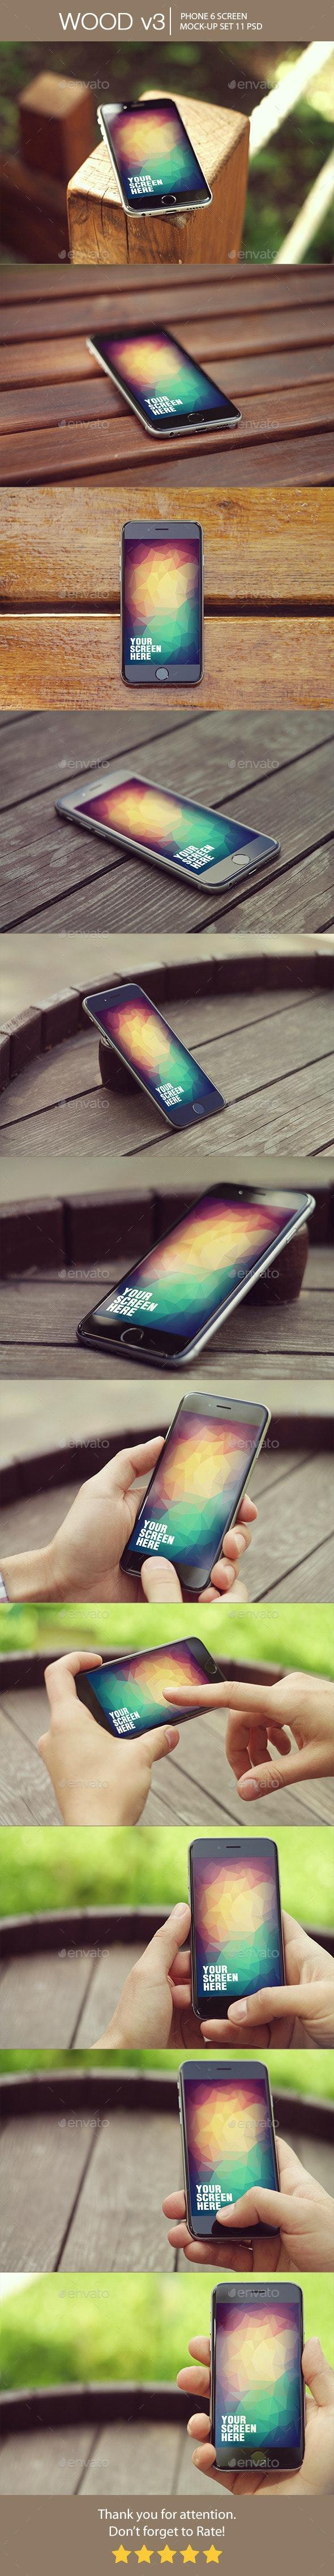 Wood v3 Phone 6 Mock-Up - Mobile Displays